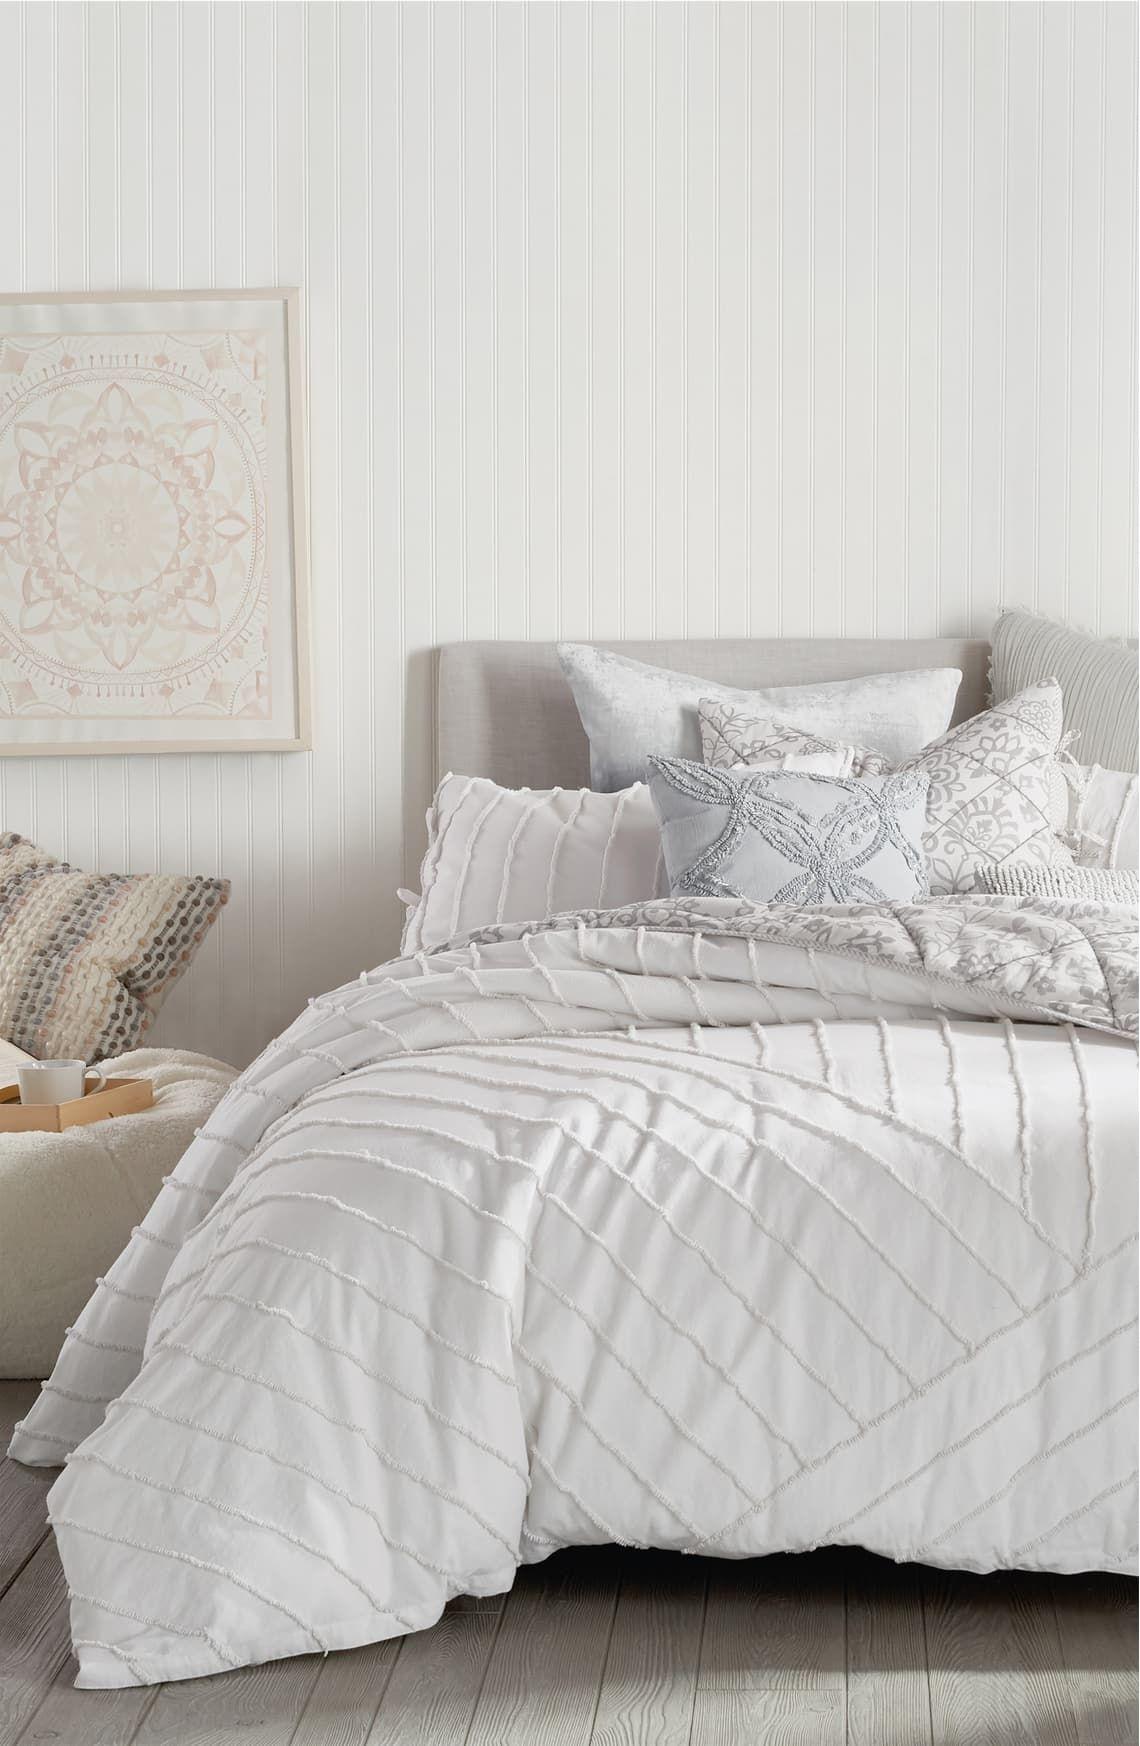 Peri Home Linear Loop Comforter Sham Set In 2020 Peri Home